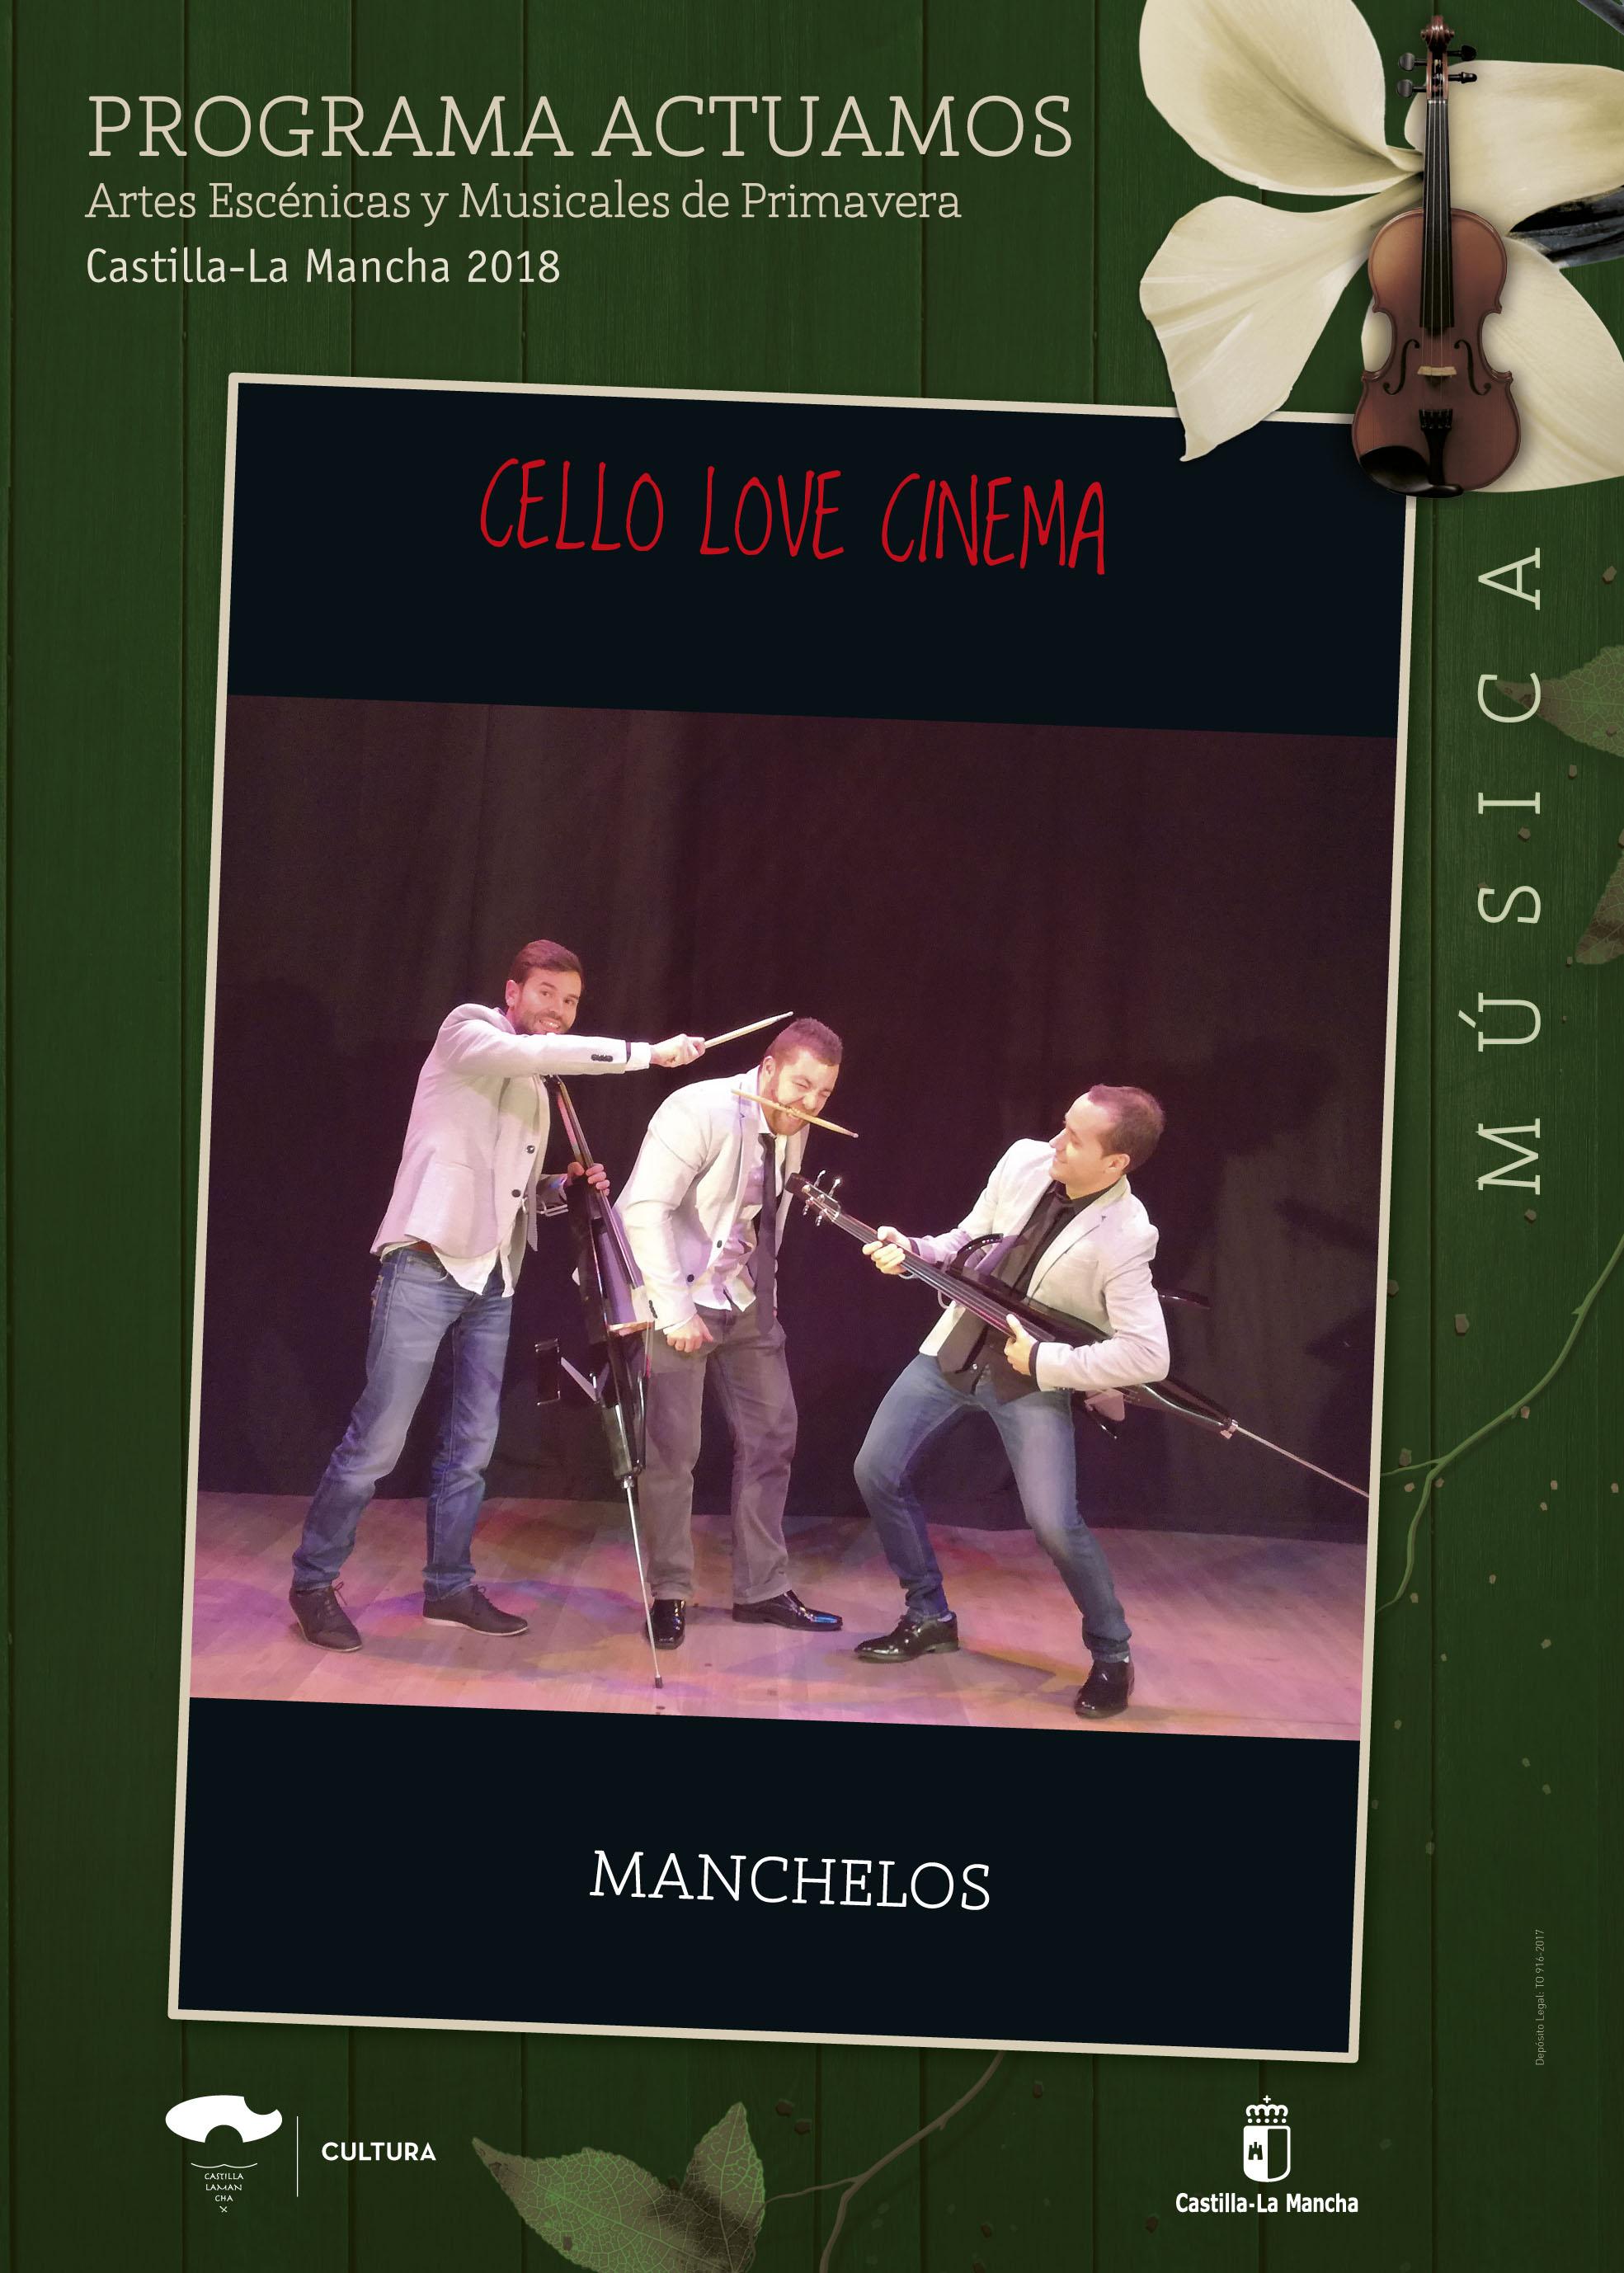 Imagen de la actividad CELLO LOVE CINEMA (Manchelos)